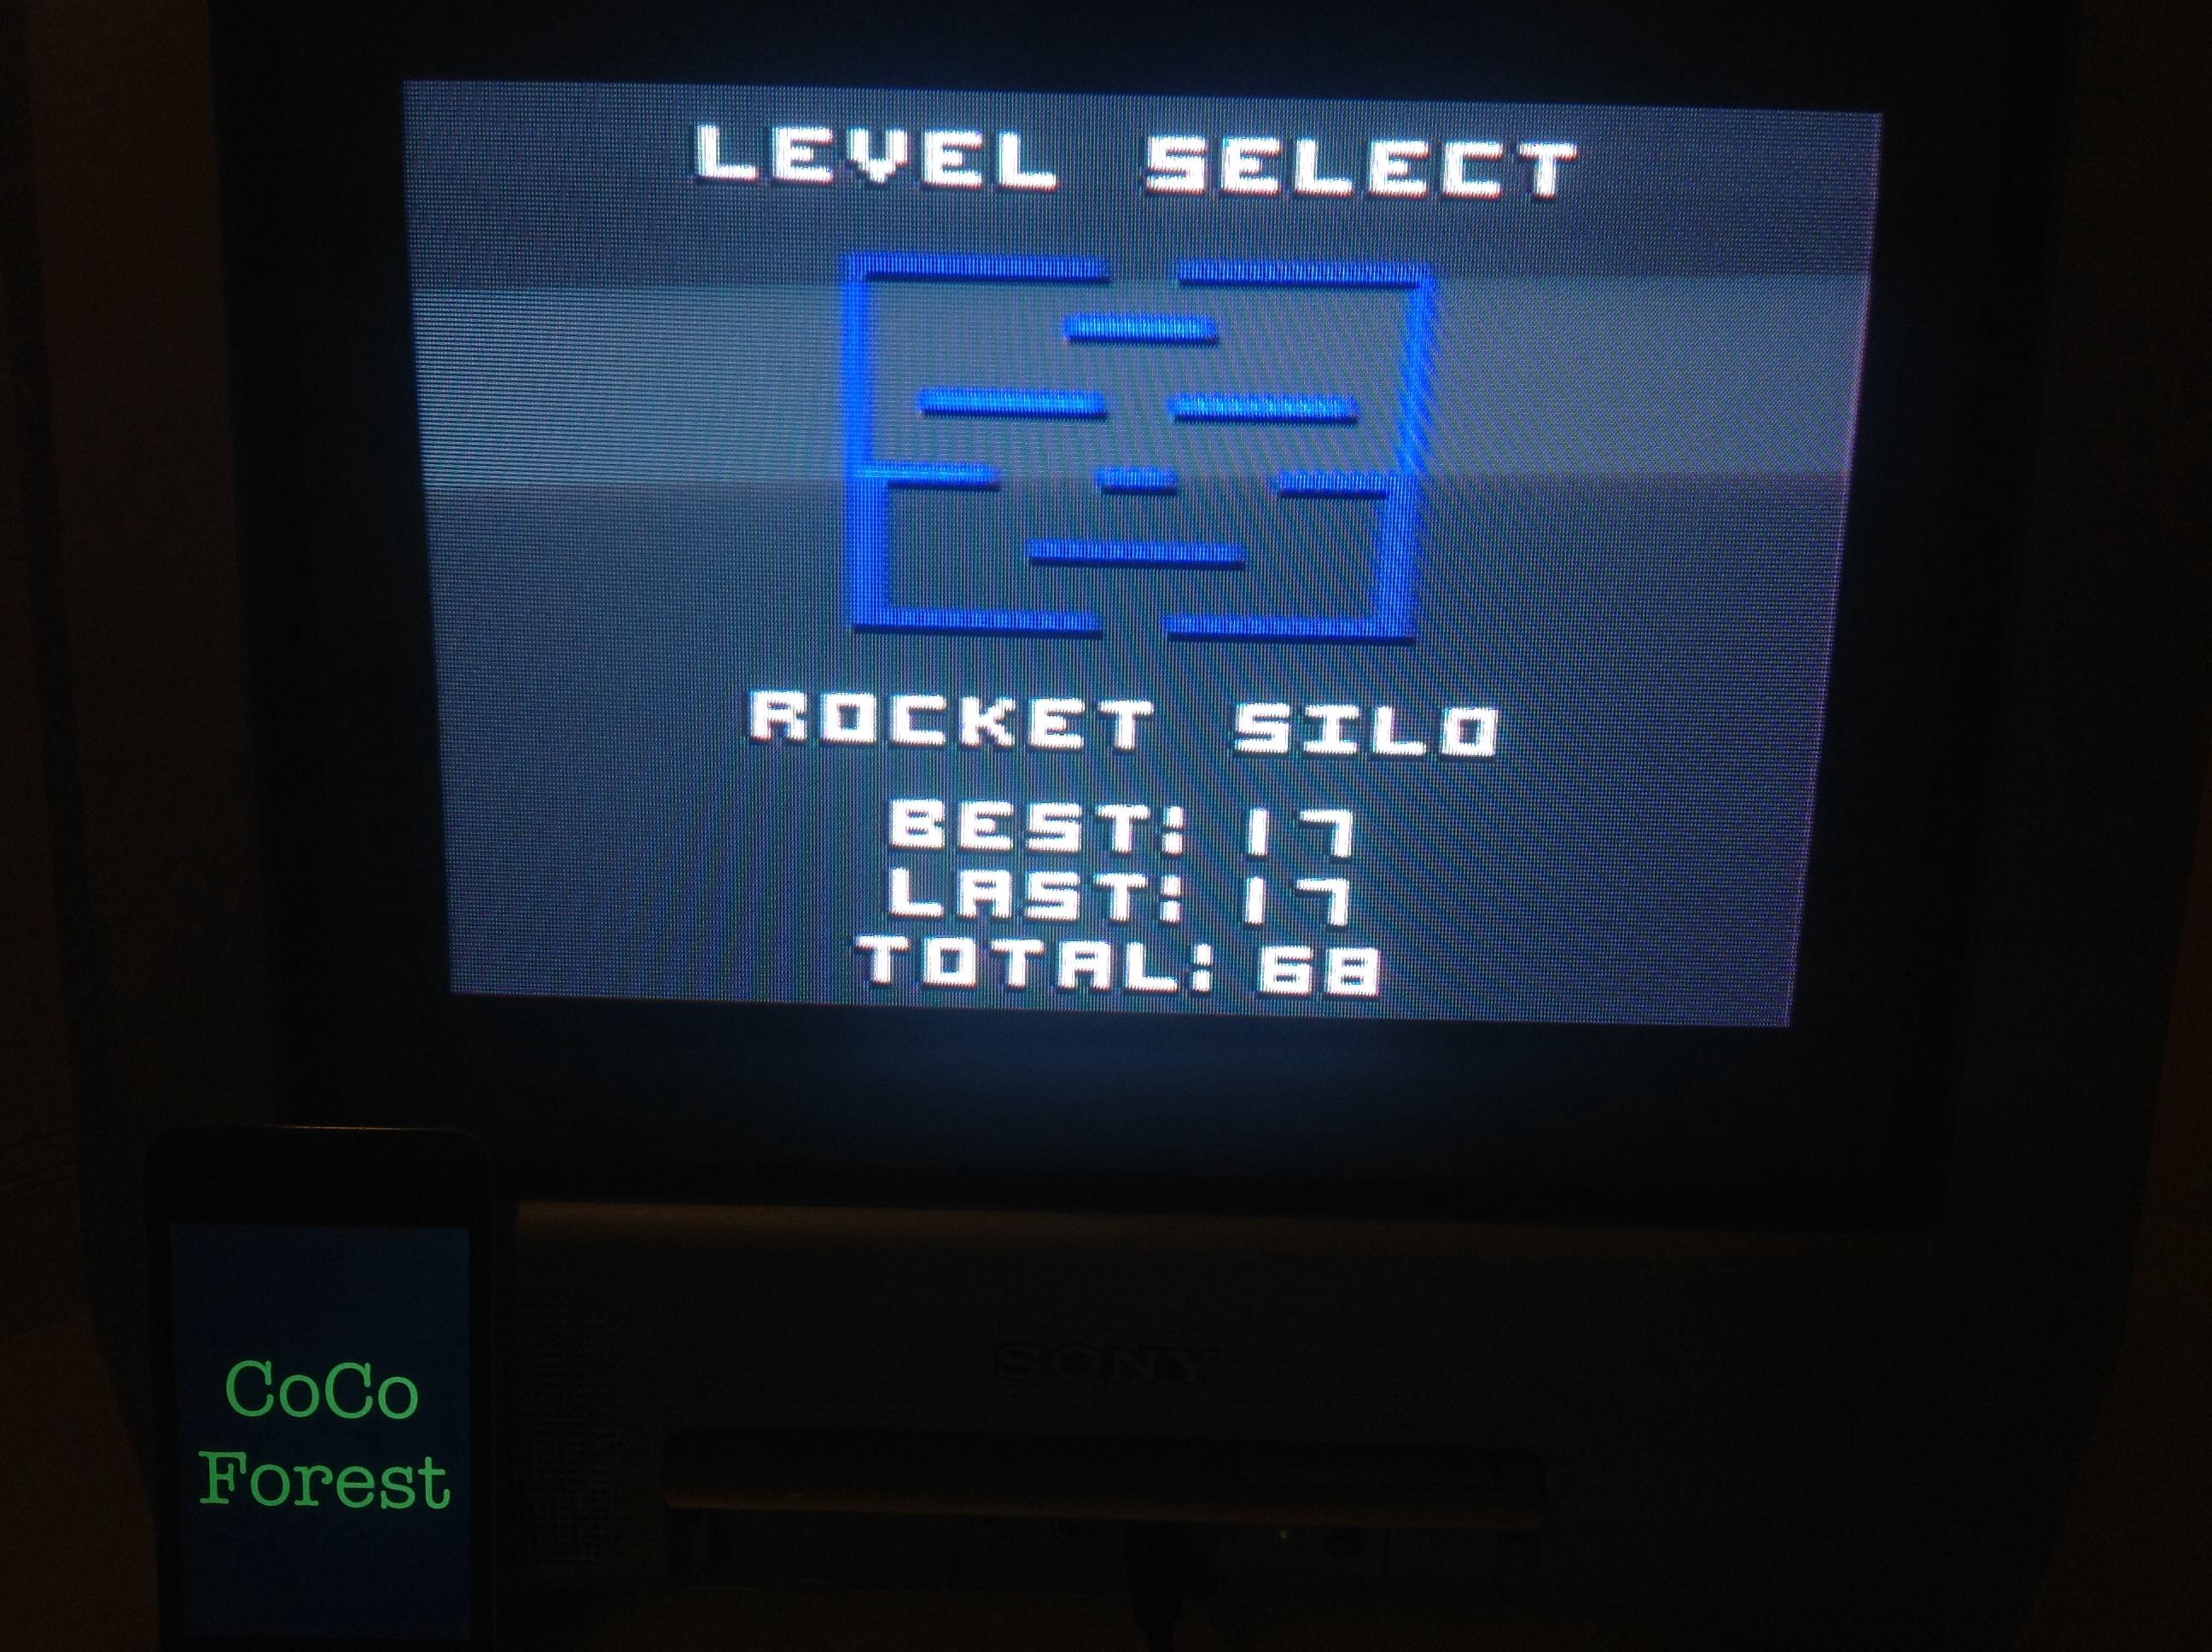 CoCoForest: Super Bread Box: Rocket Silo (Commodore 64) 17 points on 2014-09-15 14:29:53